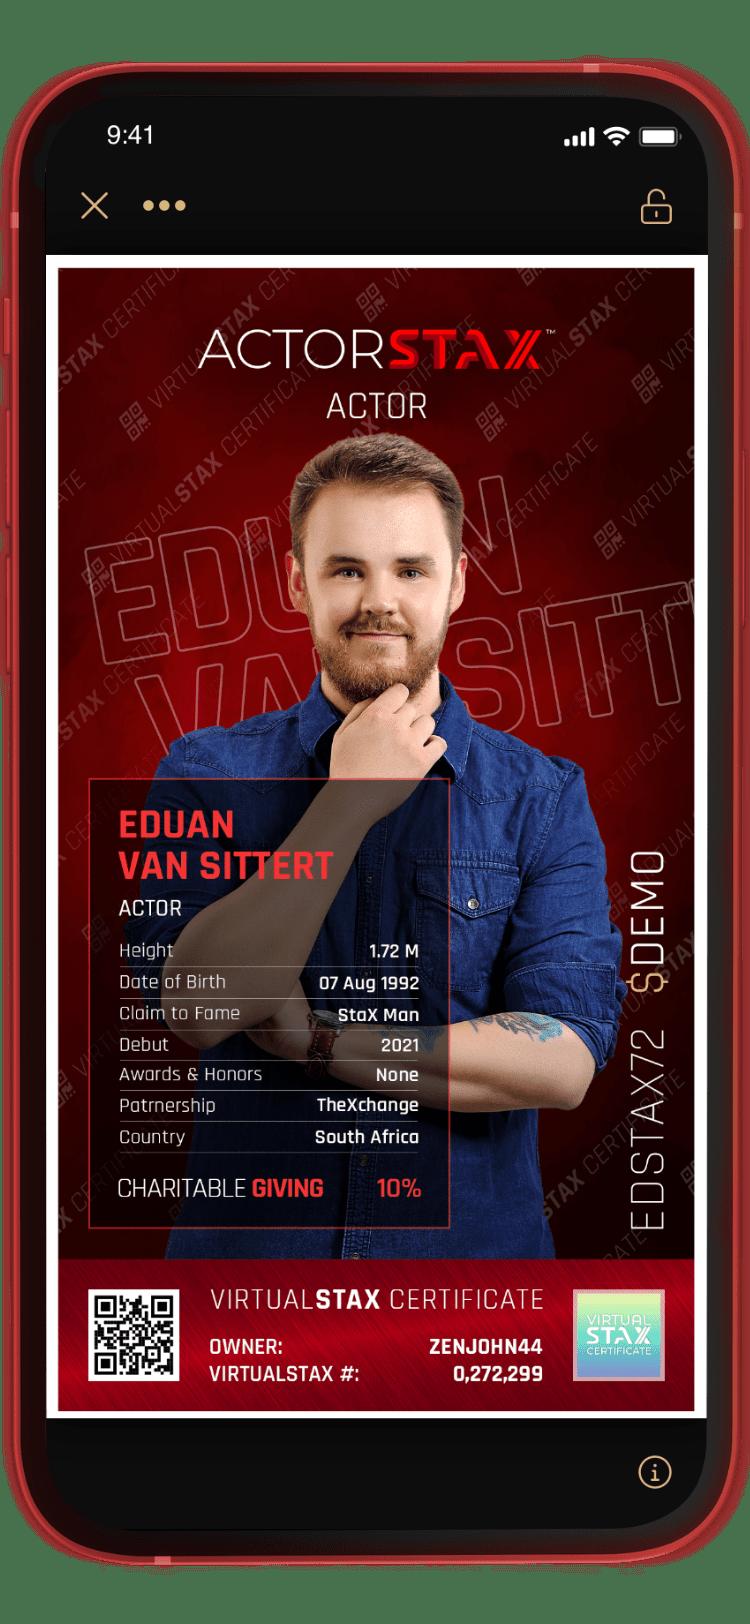 ActorStax App Eduan Van Sittert